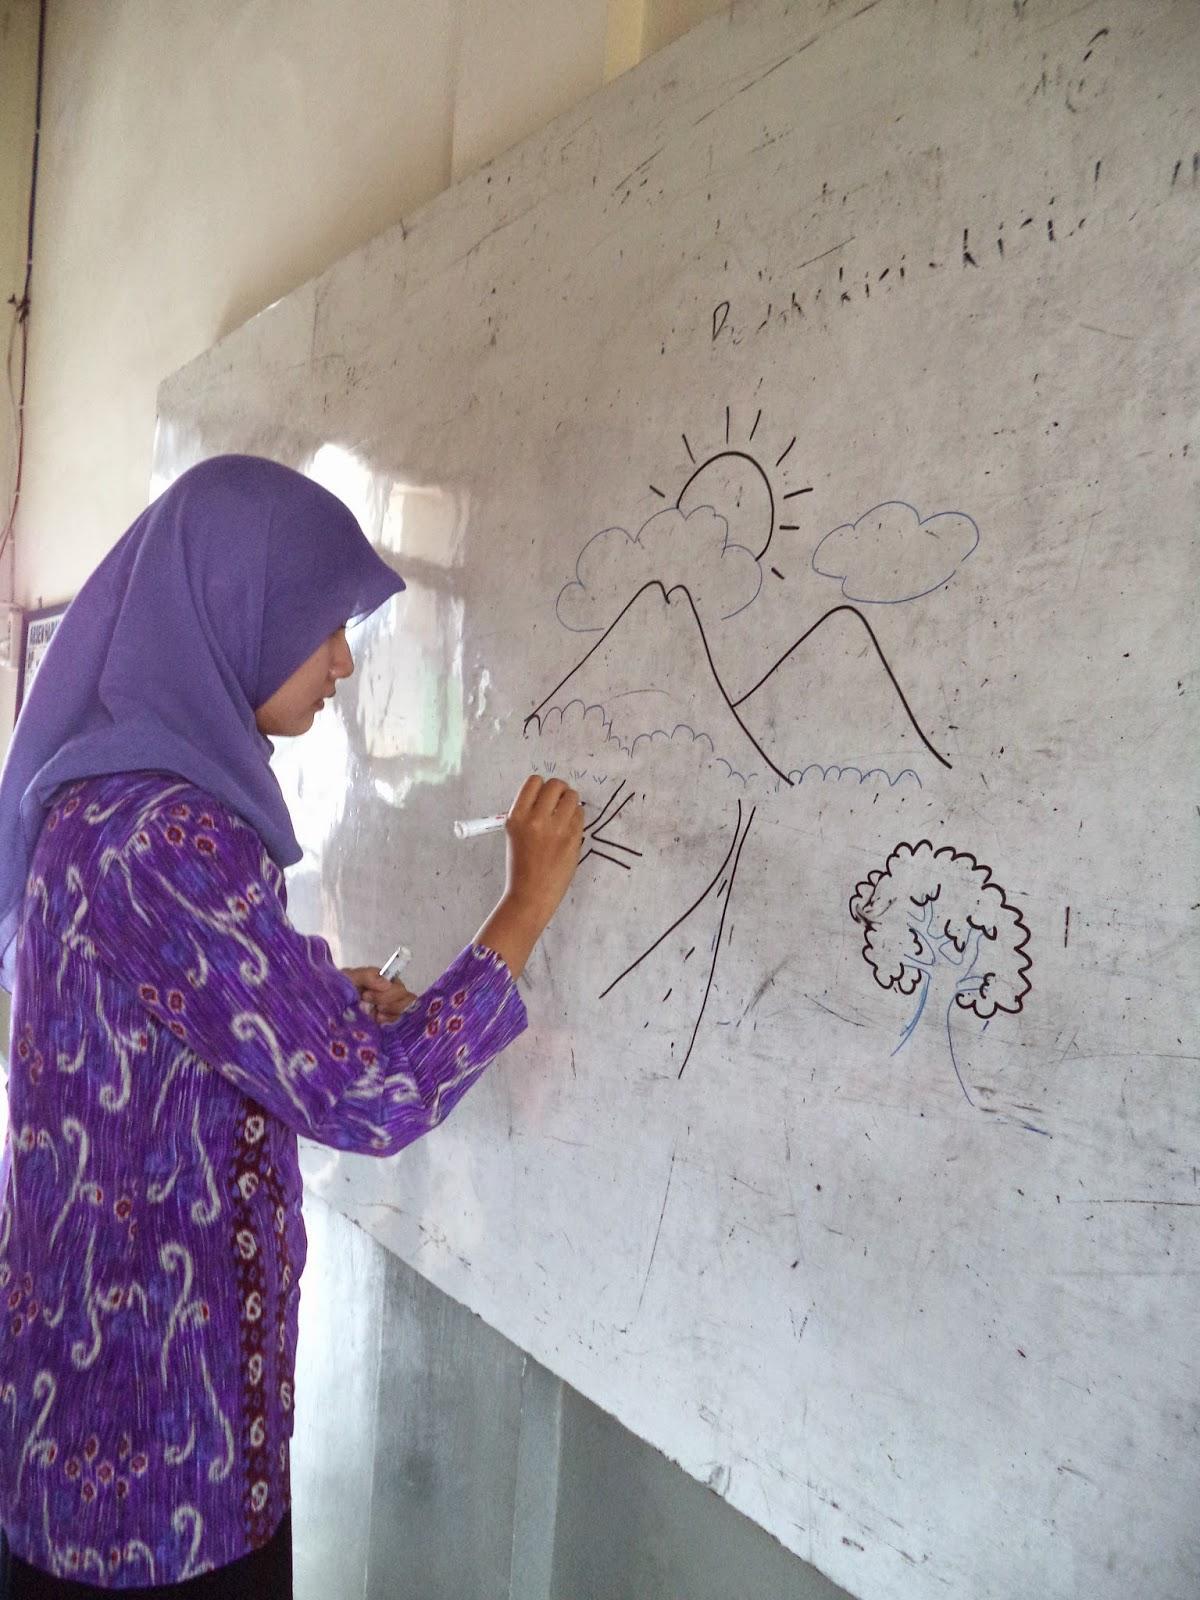 Rekruitmen Guru SDMT Terbuka dan Fair: Sebuah Kesempatan bagi Generasi Muda